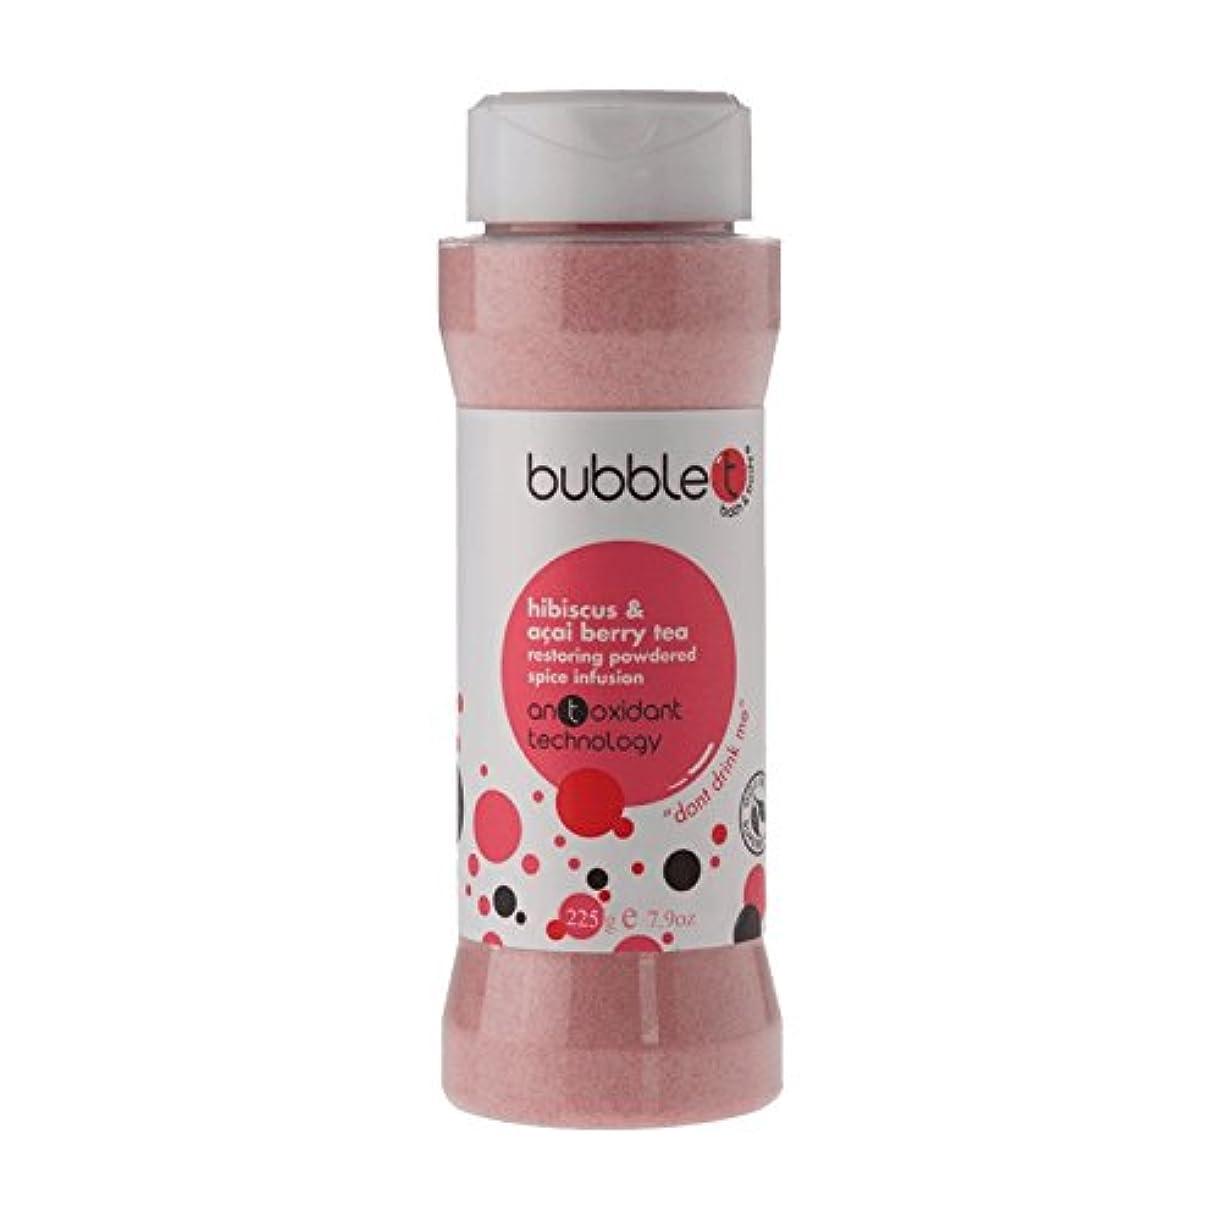 掃除制限された会話Bubble T Bath Spice Infusion Hibiscus & Acai Berry Tea 225g (Pack of 6) - バブルトン風呂スパイス注入ハイビスカス&アサイベリー茶225グラム (x6) [並行輸入品]